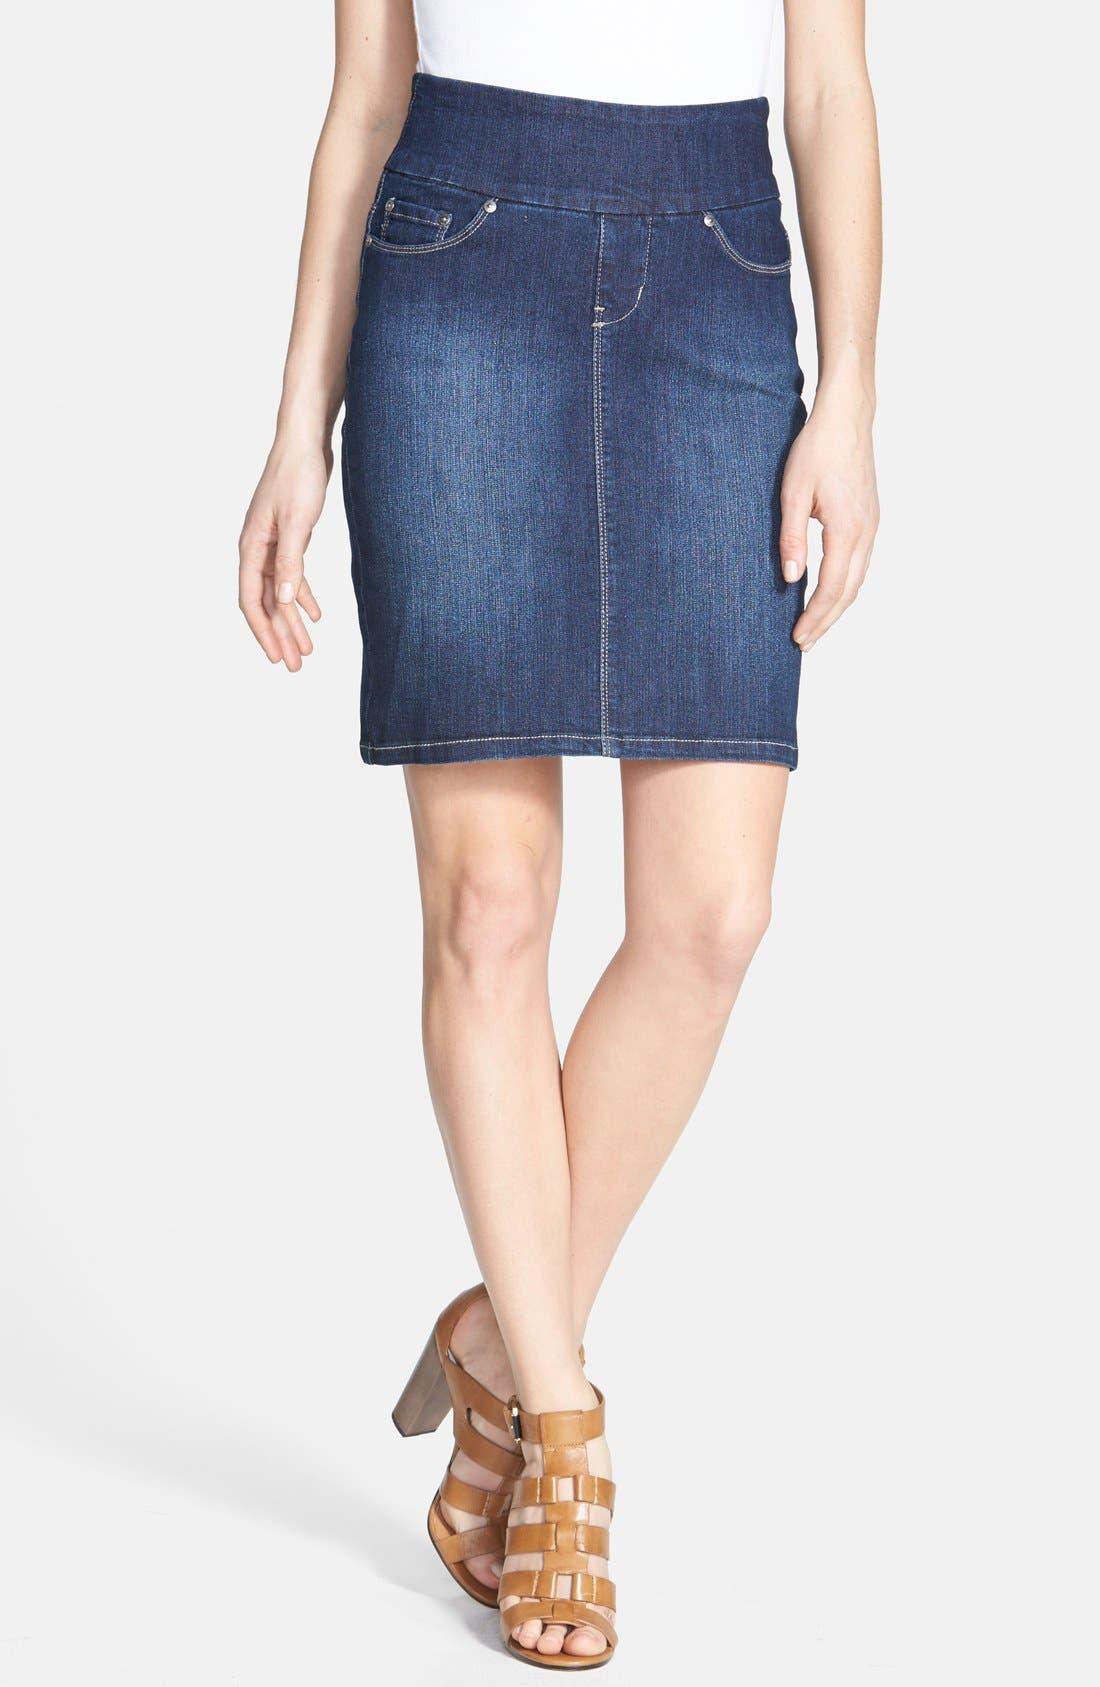 Alternate Image 1 Selected - Jag Jeans 'Eloise' Pull-On Stretch Denim Skirt (Regular & Petite)